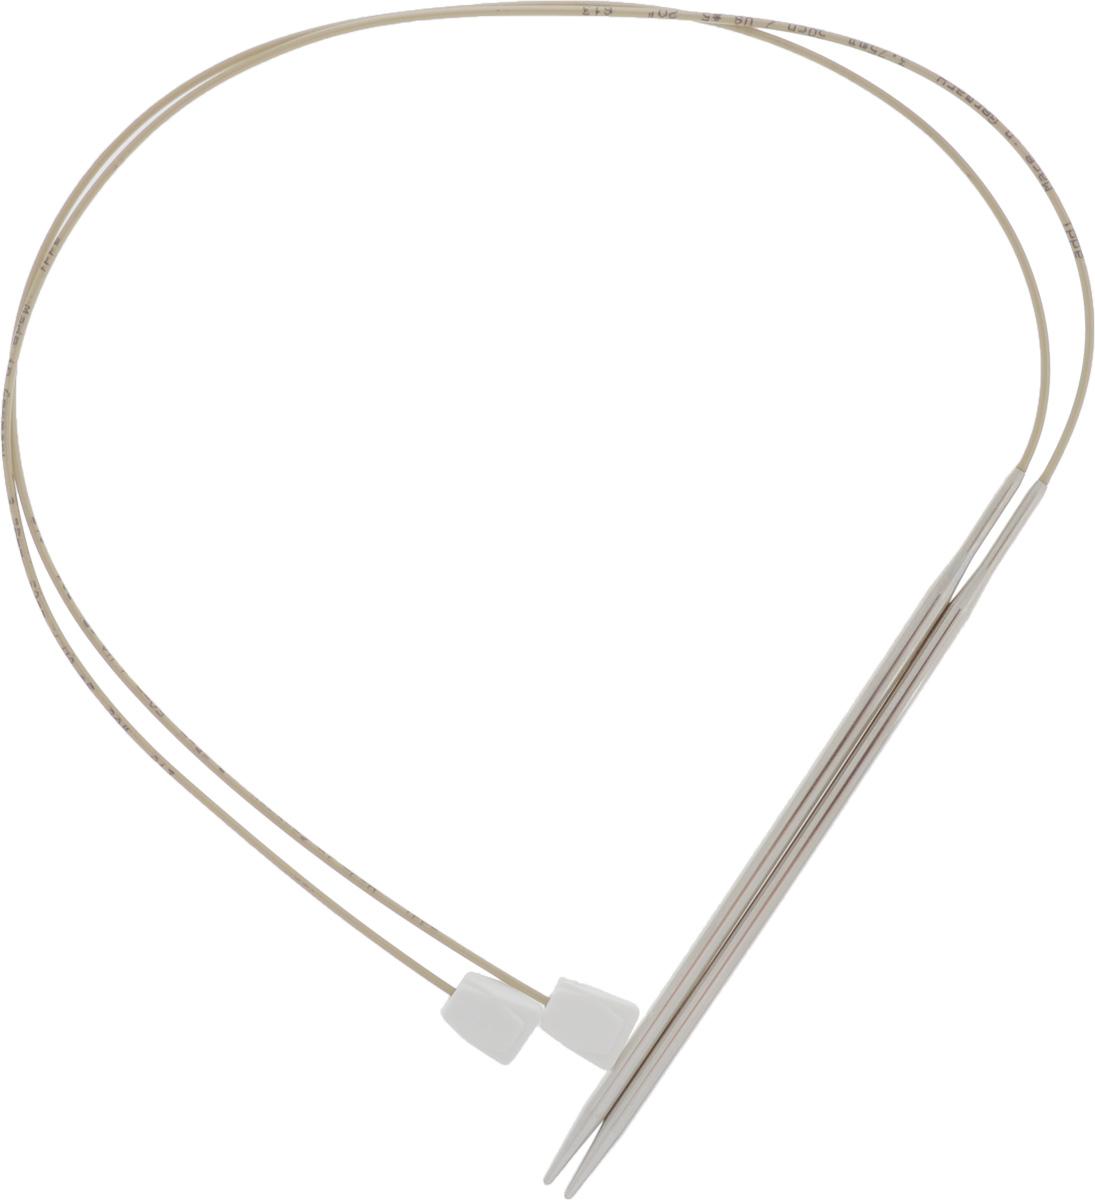 Спицы Addi, с фиксаторами на лесках, диаметр 3,75 мм, длина 50 см, 2 шт181-7/3.75-50Оригинальные спицы Addi - сочетание традиционных прямых спиц и гибкой лески с фиксатором на конце. Общая длина металлической части спиц и лески составляет 50 см, при этом вес этих спиц гораздо меньше традиционных прямых спиц. Гибкость лески позволяет распределить вес изделия, что облегчает вязание больших, тяжелых вещей. Фиксаторы из пластика не позволят полотну соскользнуть со спиц. Лёгкость скольжения петель обеспечивают никелевое покрытие металлической части и высококачественная нейлоновая леска. Все эти достоинства спиц с фиксаторами на лесках позволят вам в полной мере насладиться процессом вязания, а вещи, связанные с помощью таких спиц, будут согревать теплом вас и ваших близких.